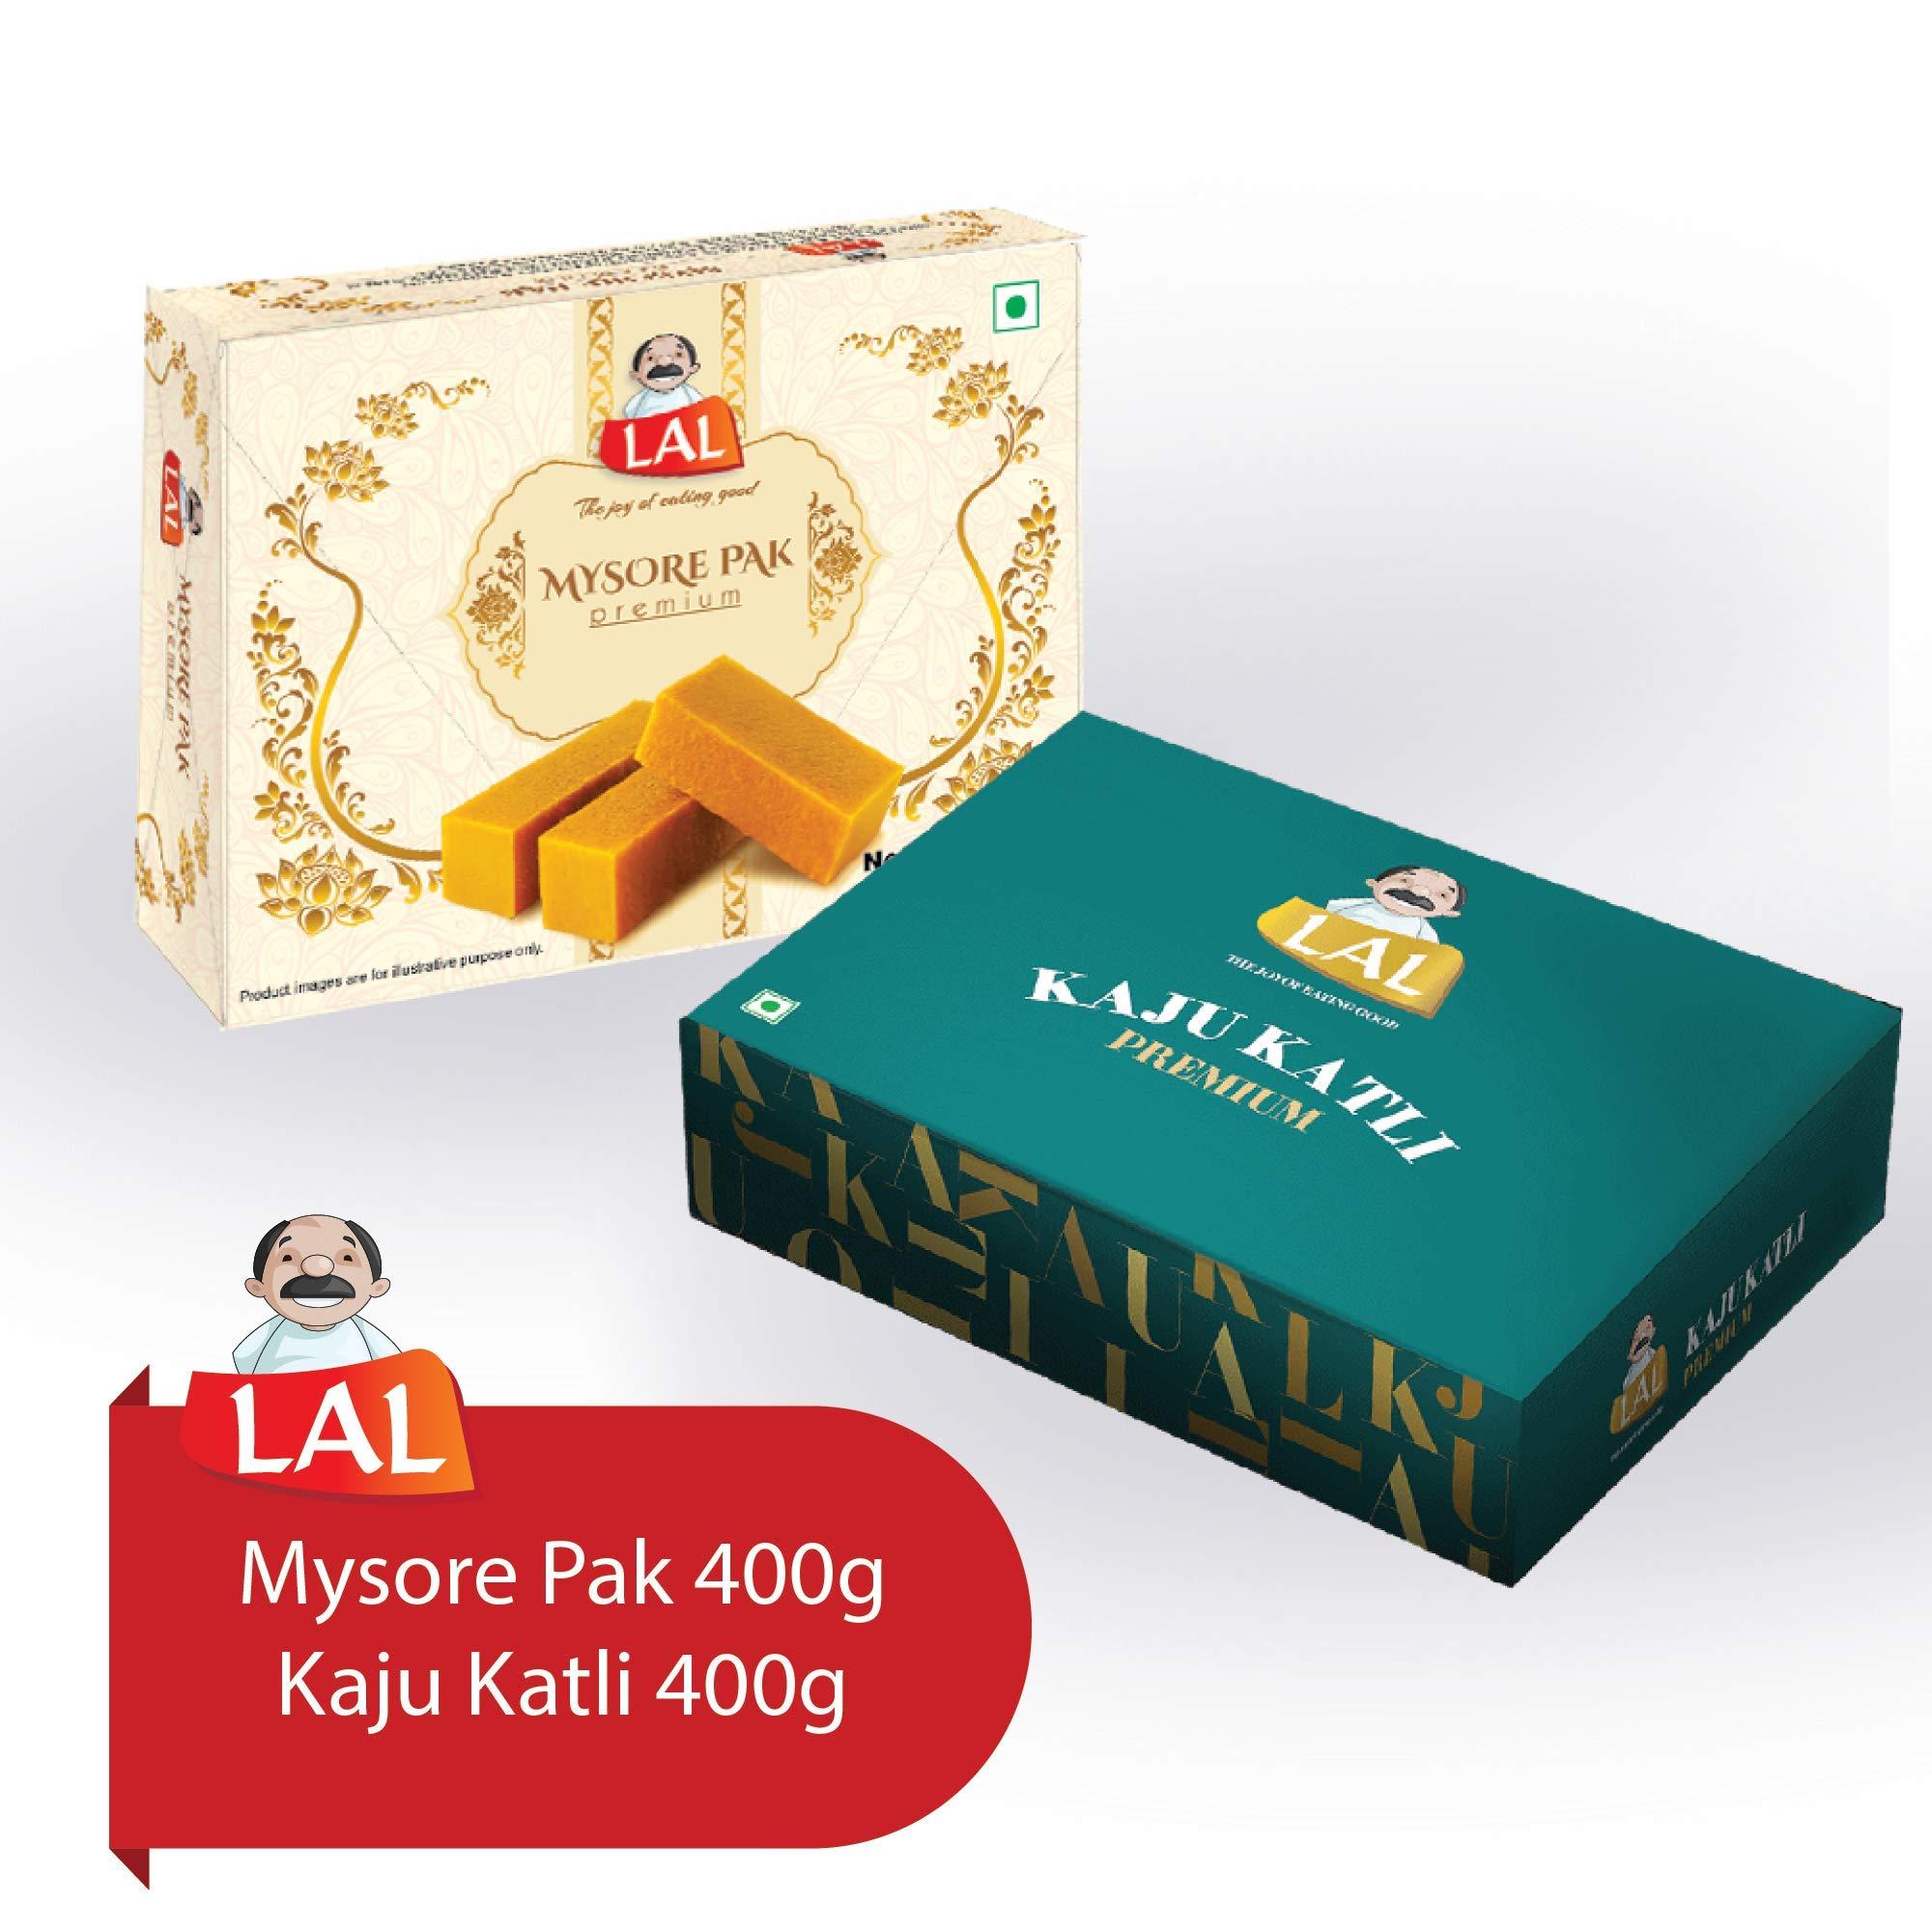 Lal Sweets Combo Pack of Mysore Pak 400 g and Kaju Katli 400 g